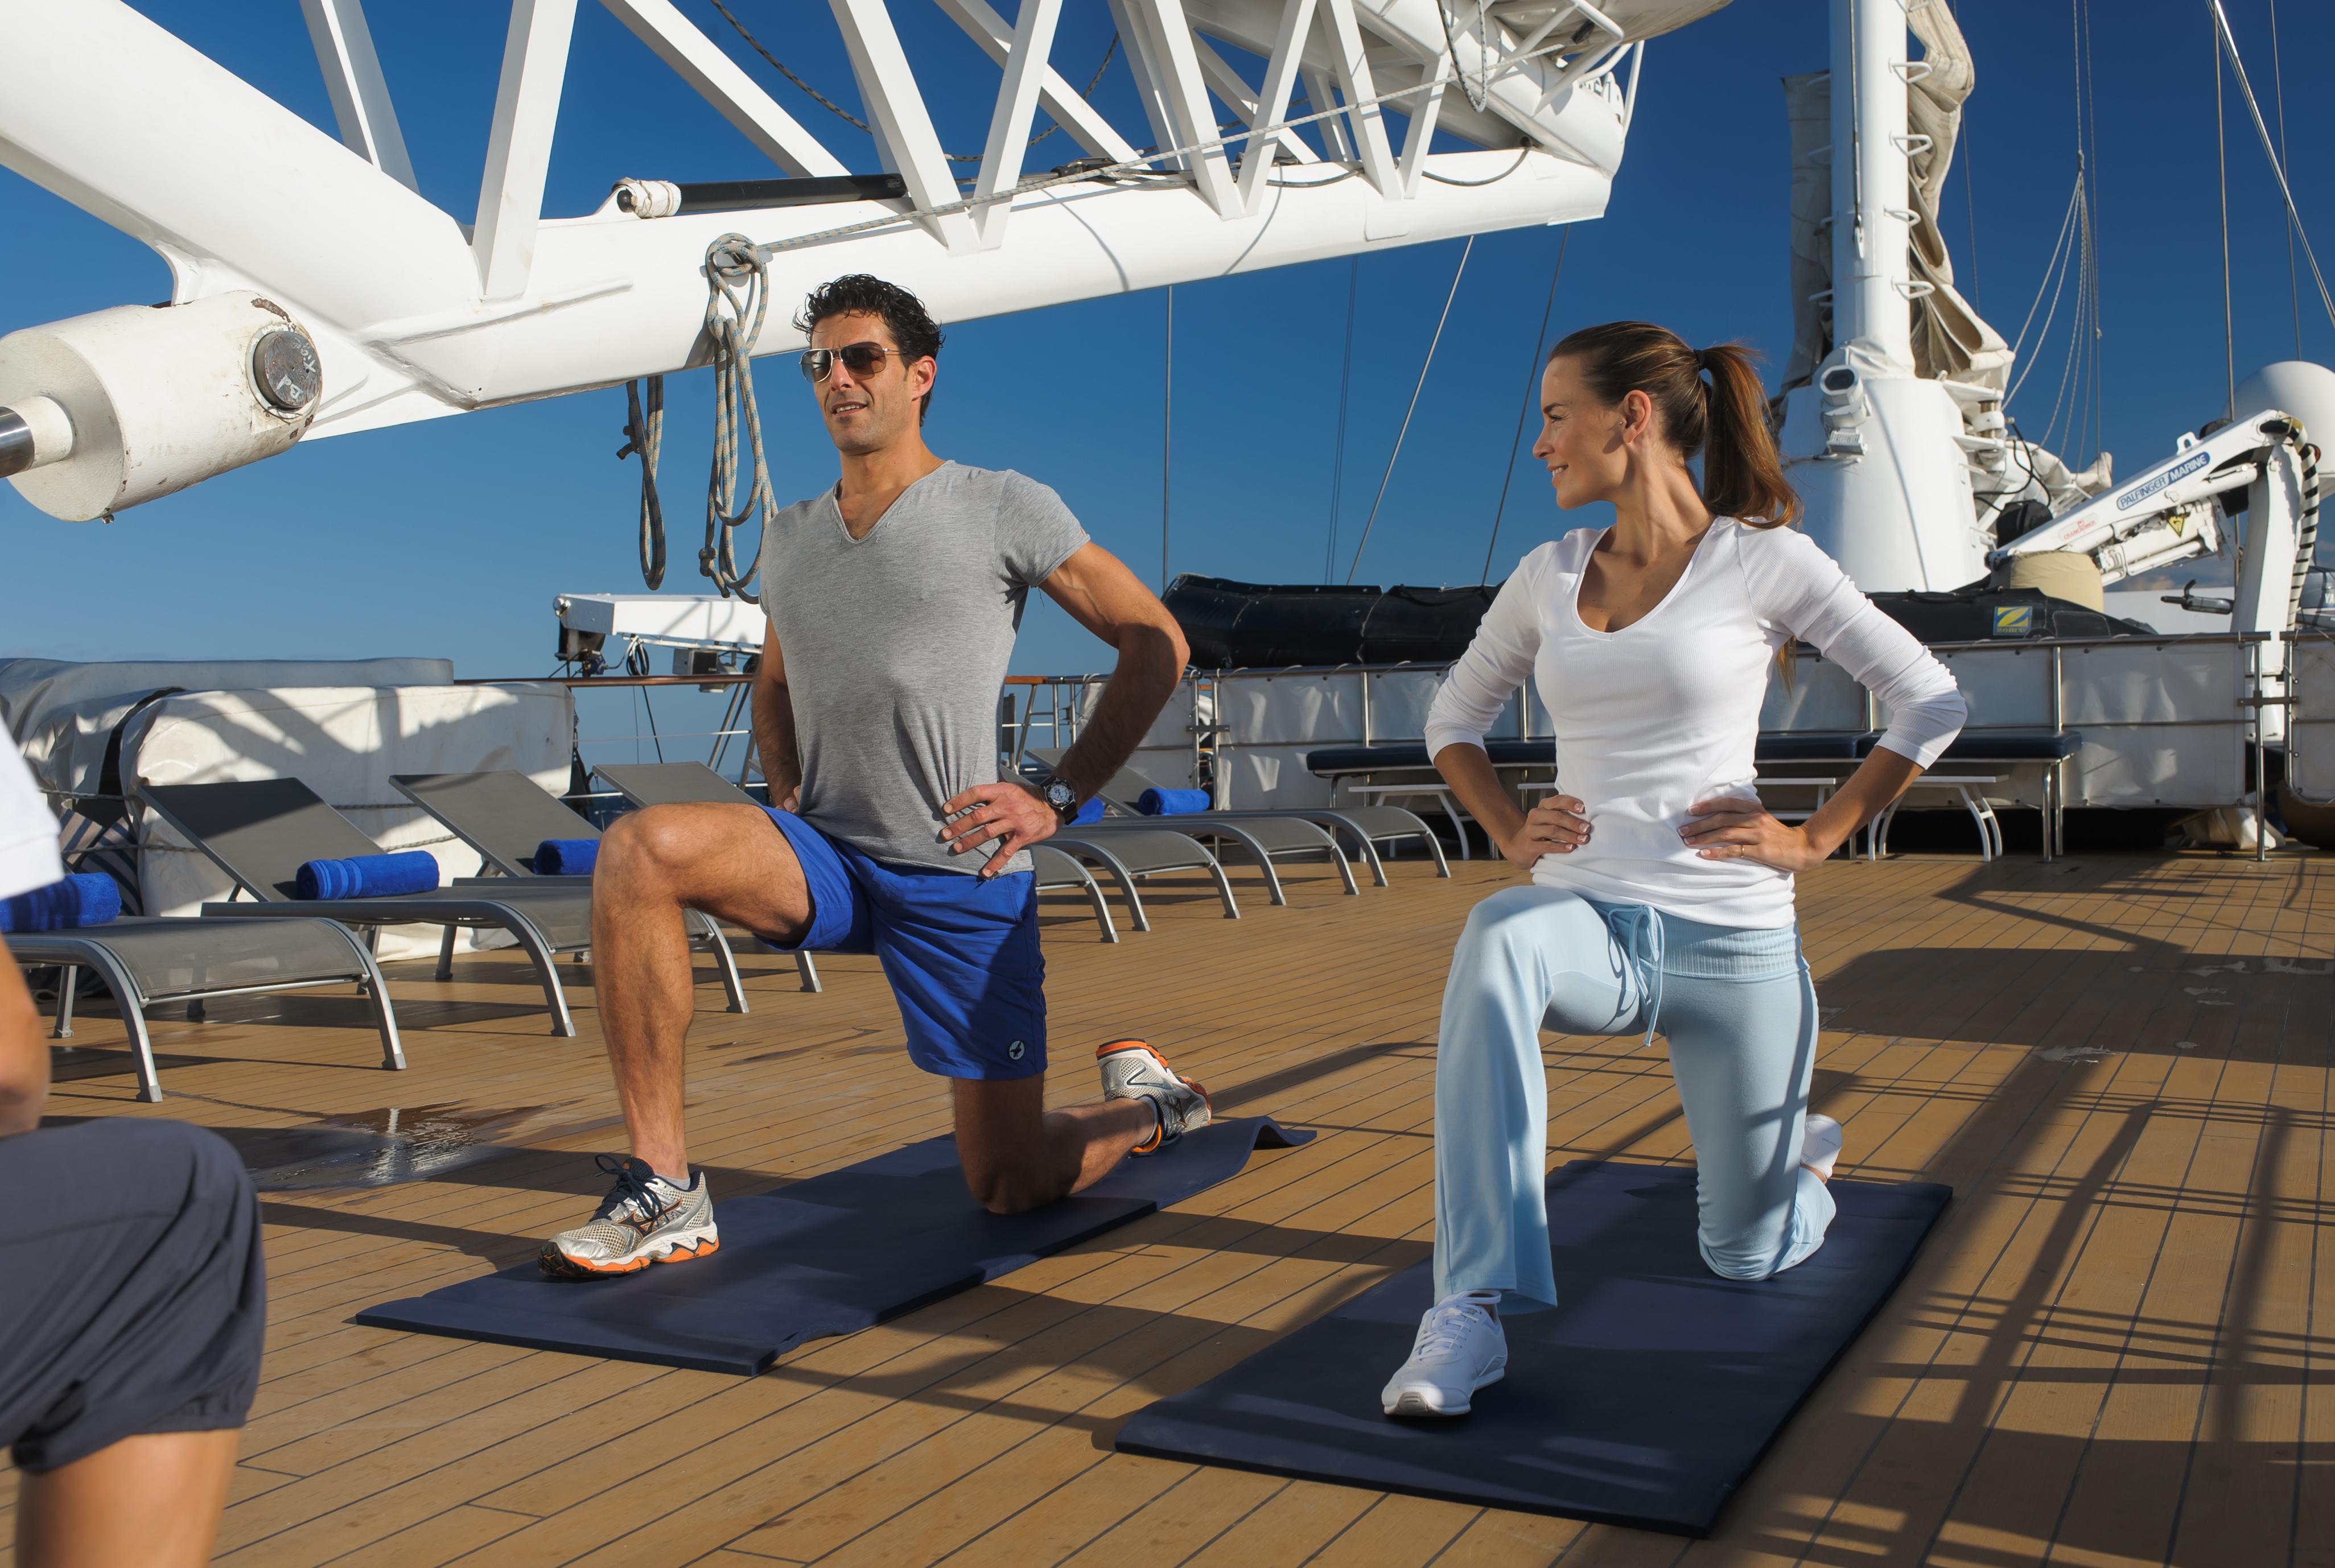 Ponant Le Ponant Exterior Couple Fitness 2.JPEG